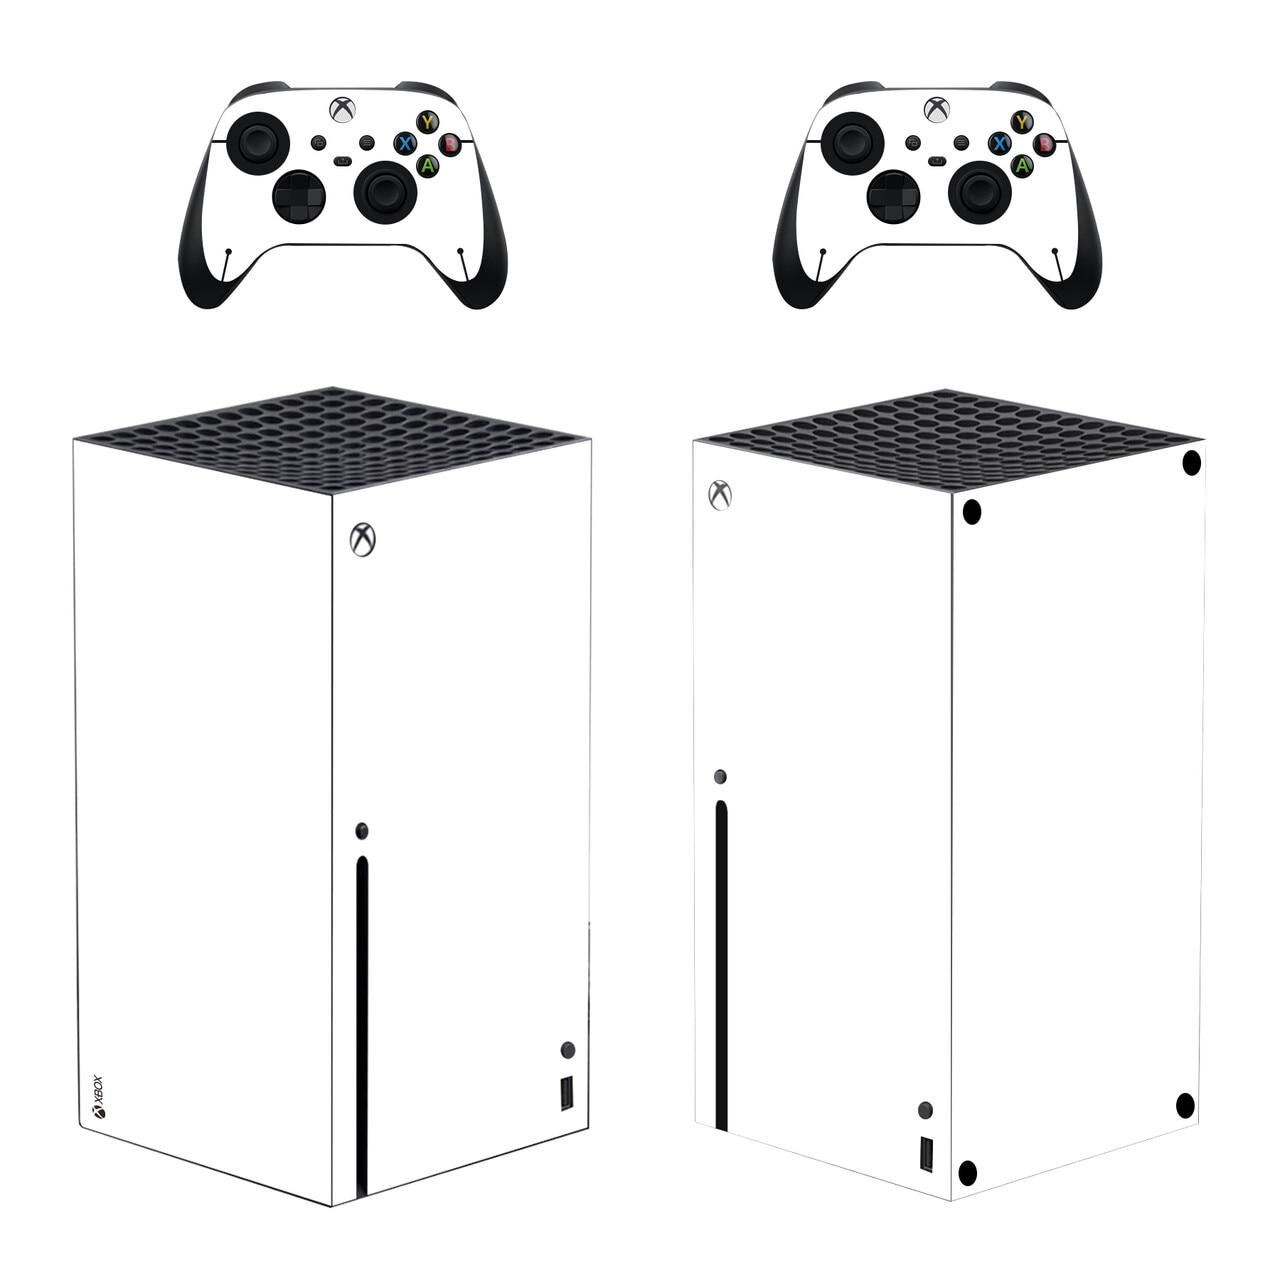 لون أبيض نقي الجلد ملصق غطاء لصائق ل Xbox سلسلة X وحدة التحكم و 2 تحكم Xbox سلسلة X الجلد ملصق الفينيل